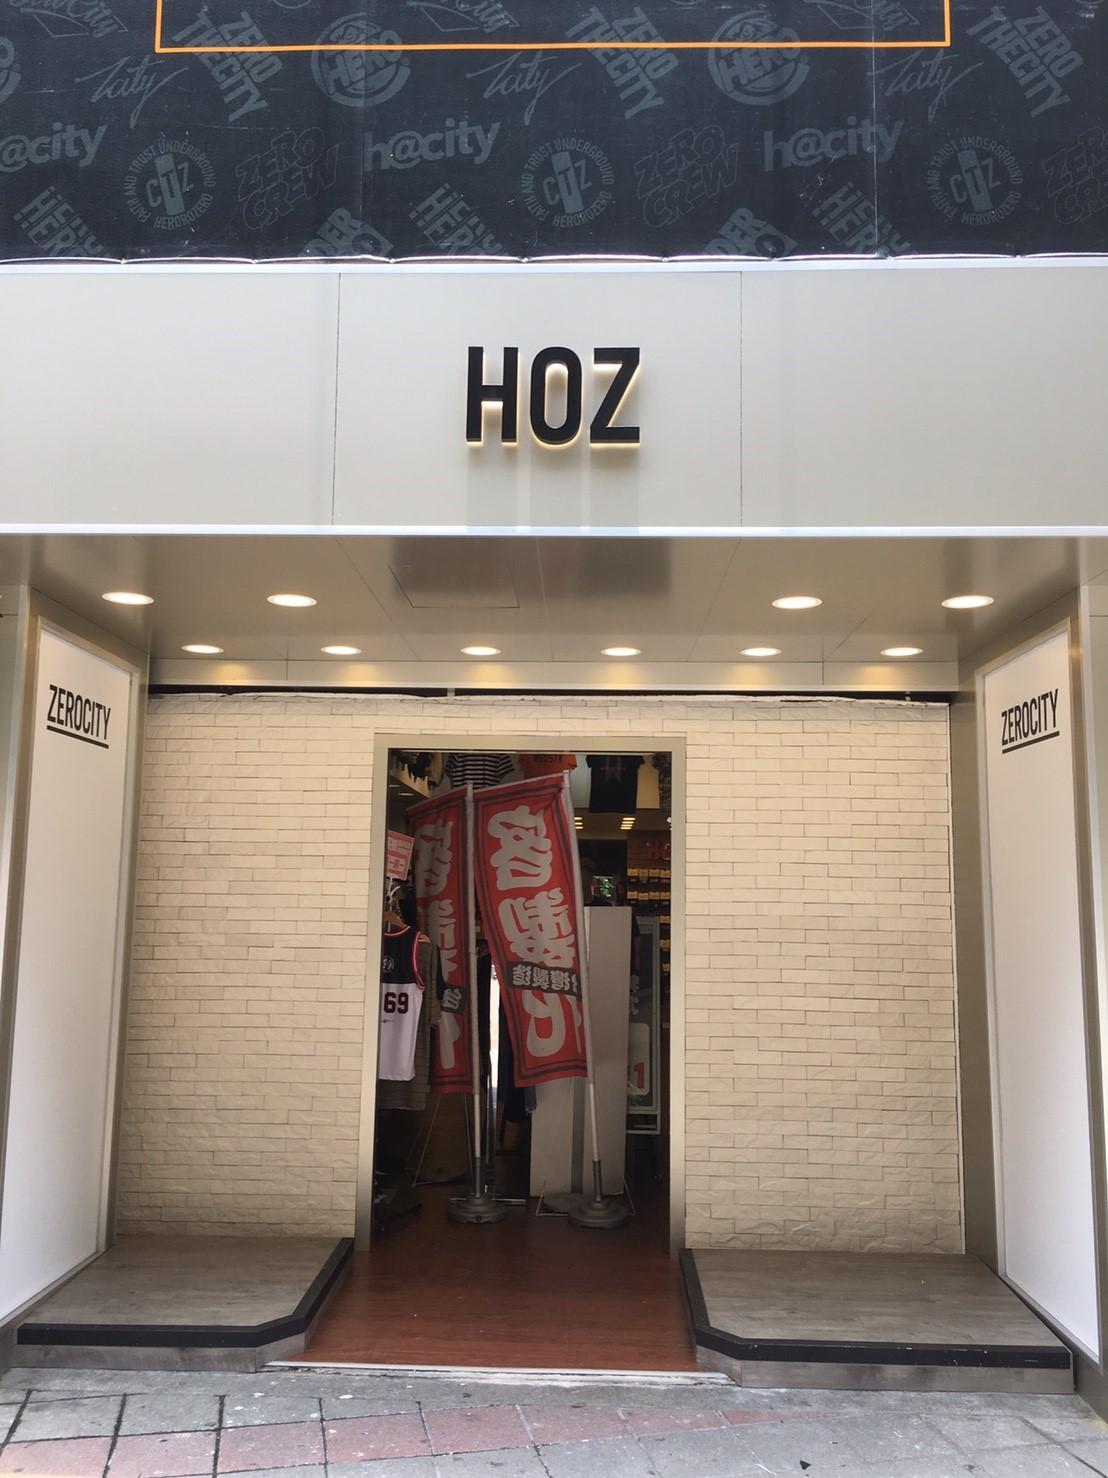 潮牌 HOZ 旗下店鋪設計